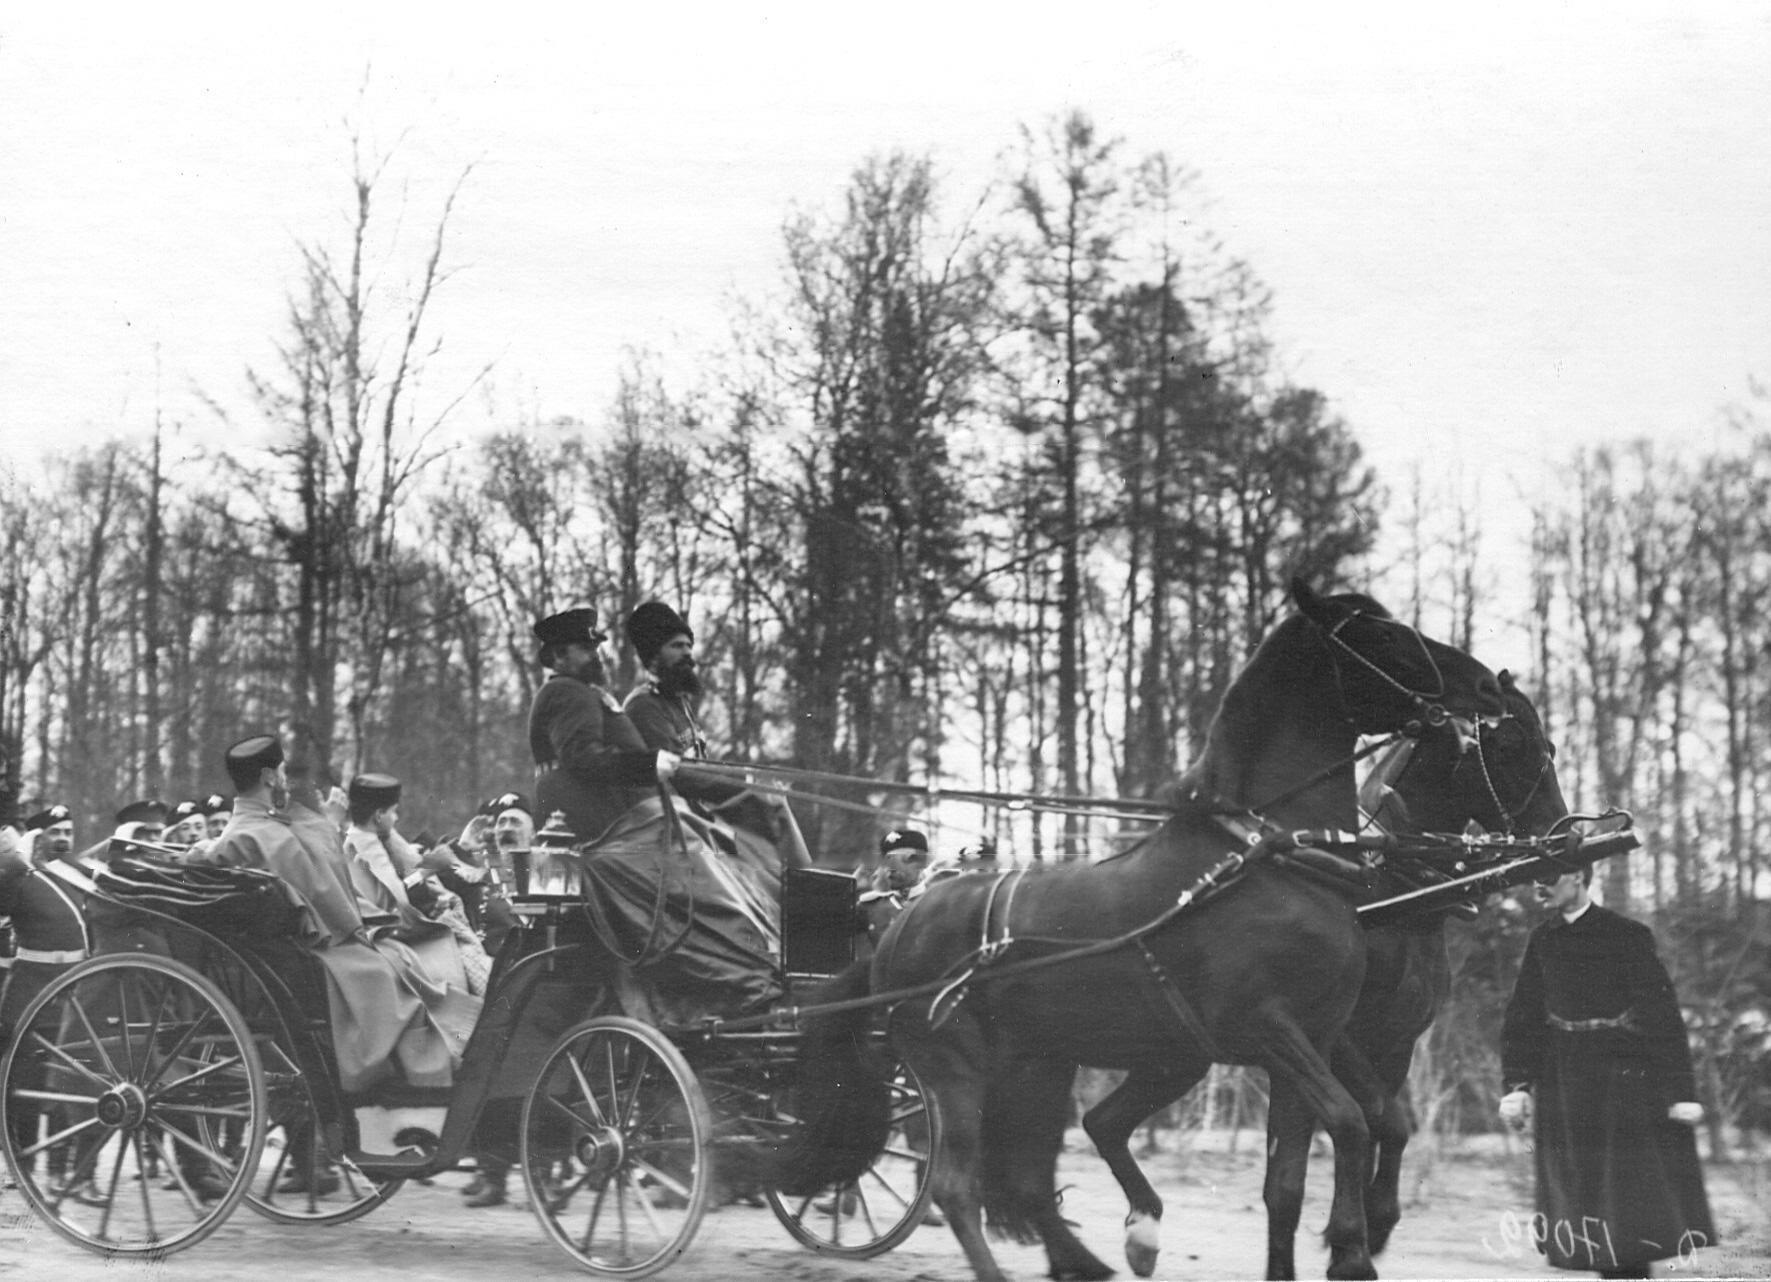 Император Николай II , великий князь Дмитрий Павлович в экипаже уезжают после парада 2-ого Царскосельского стрелкового батальона